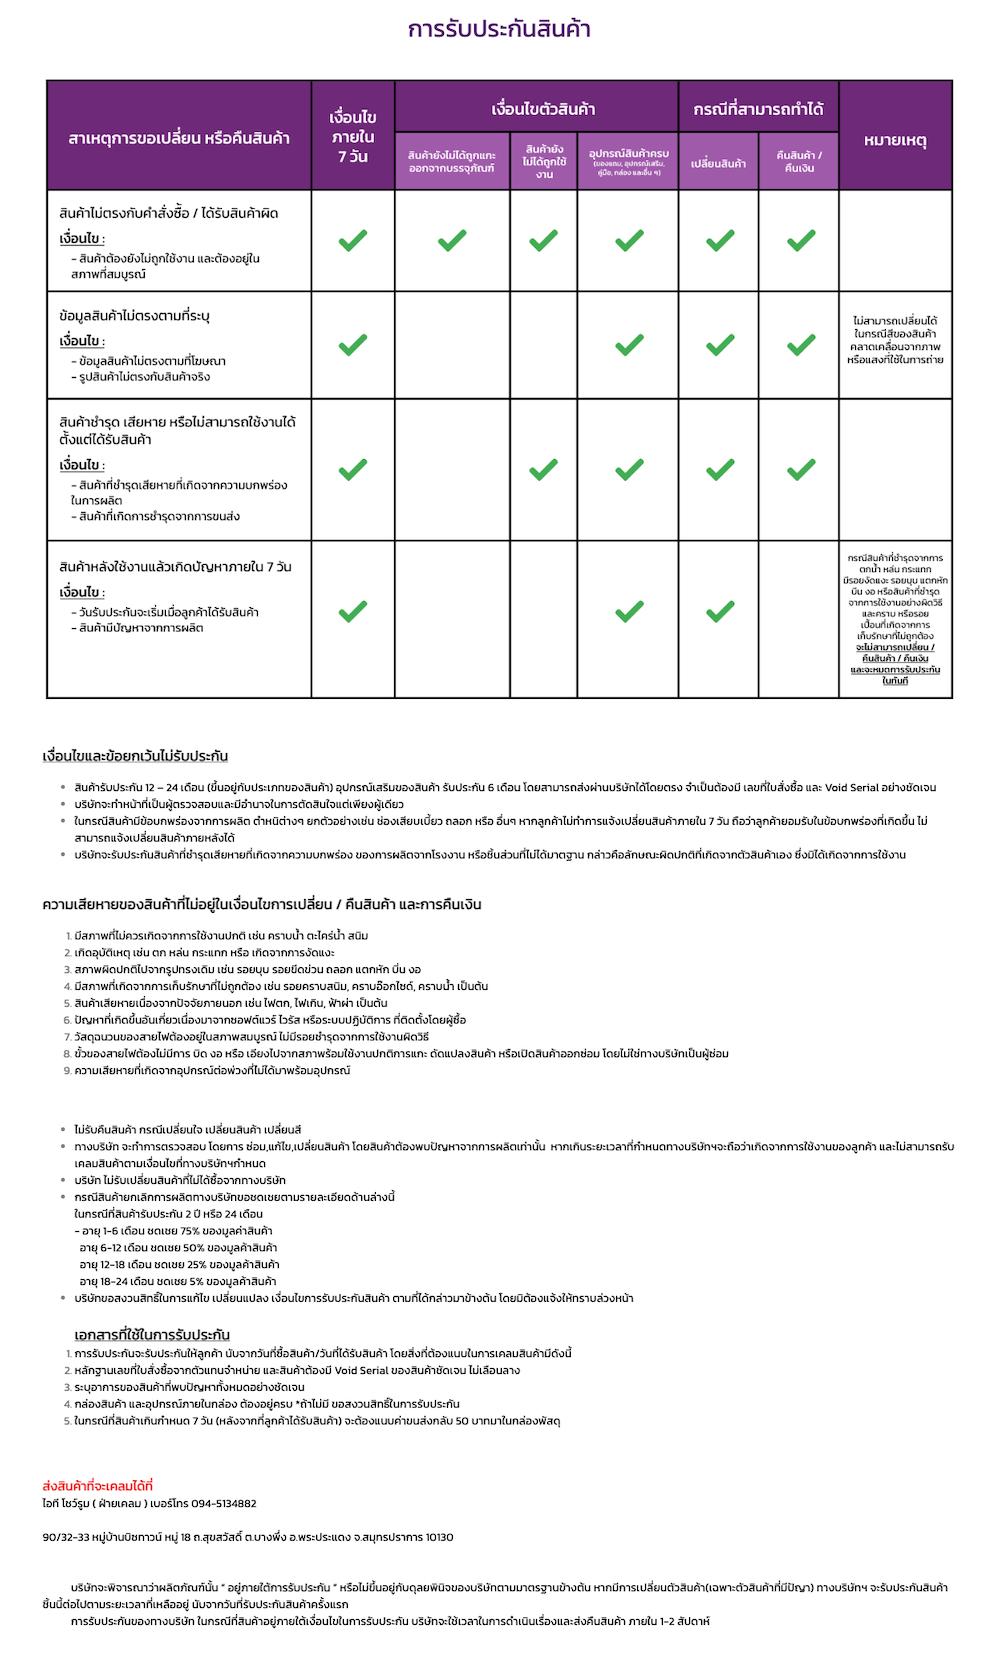 zmithailand-warranty-2.png